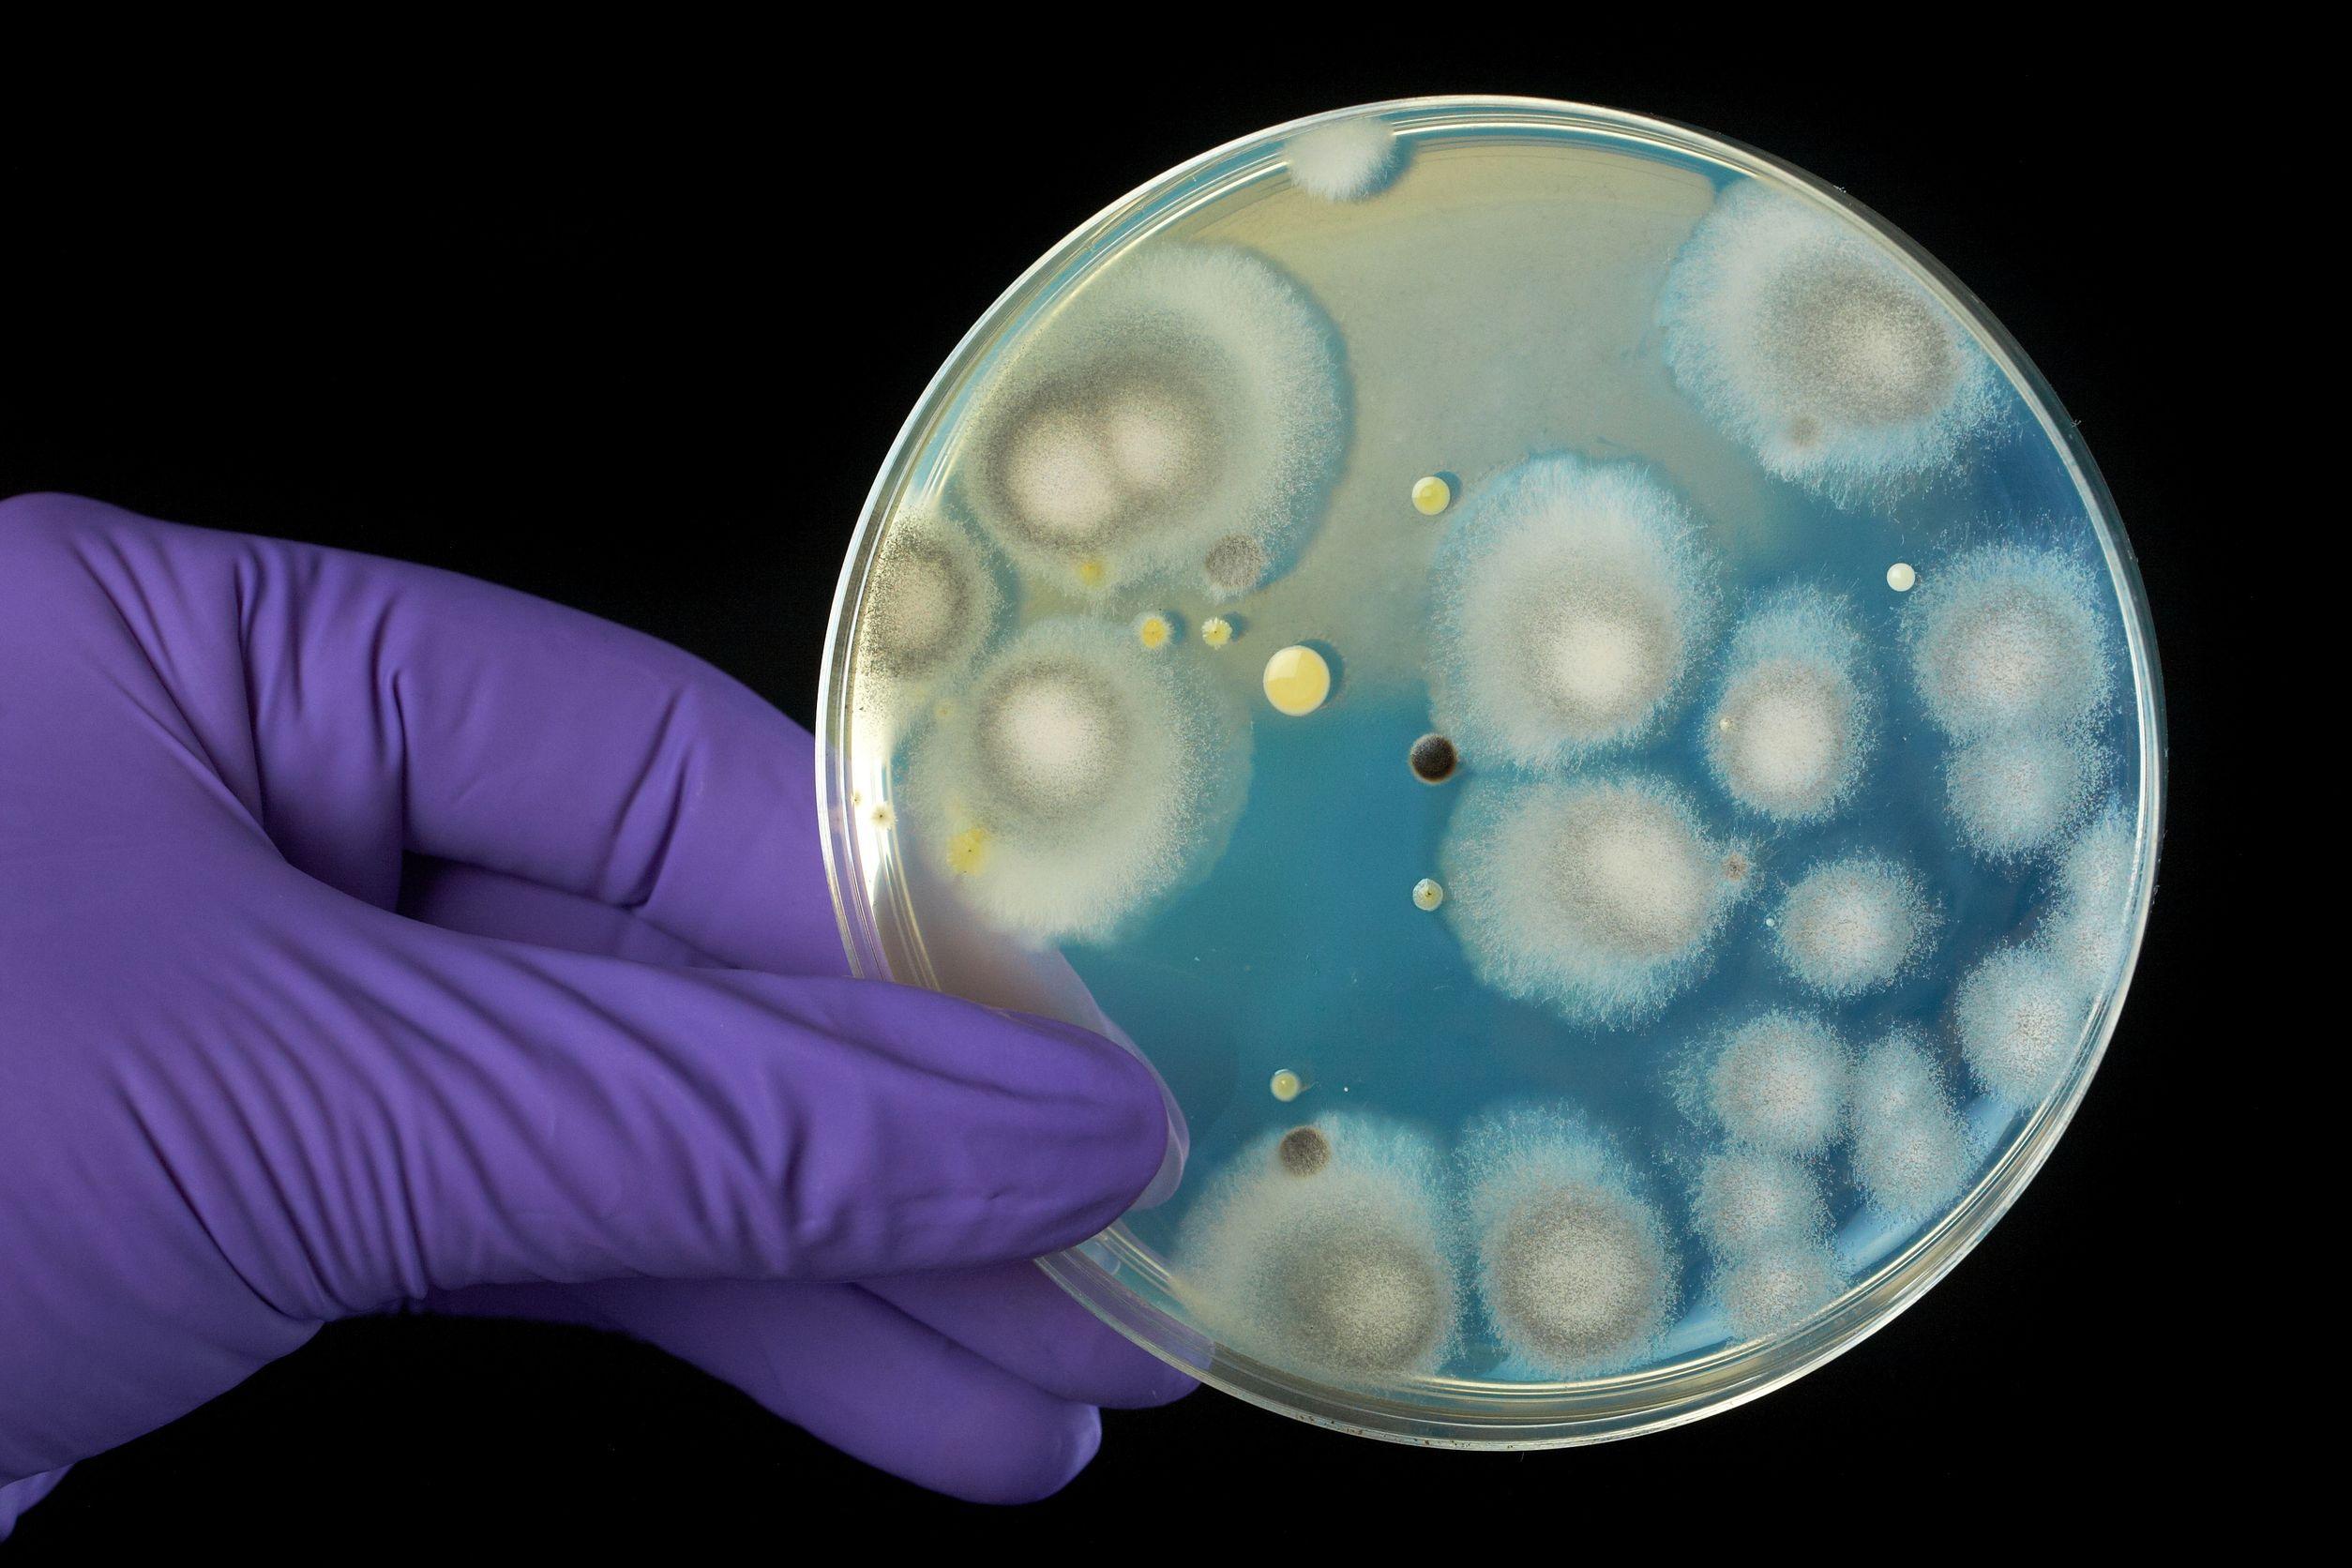 O nouă familie de antibiotice, descoperită în sol. Compuşii naturali care pot vindeca maladii grave